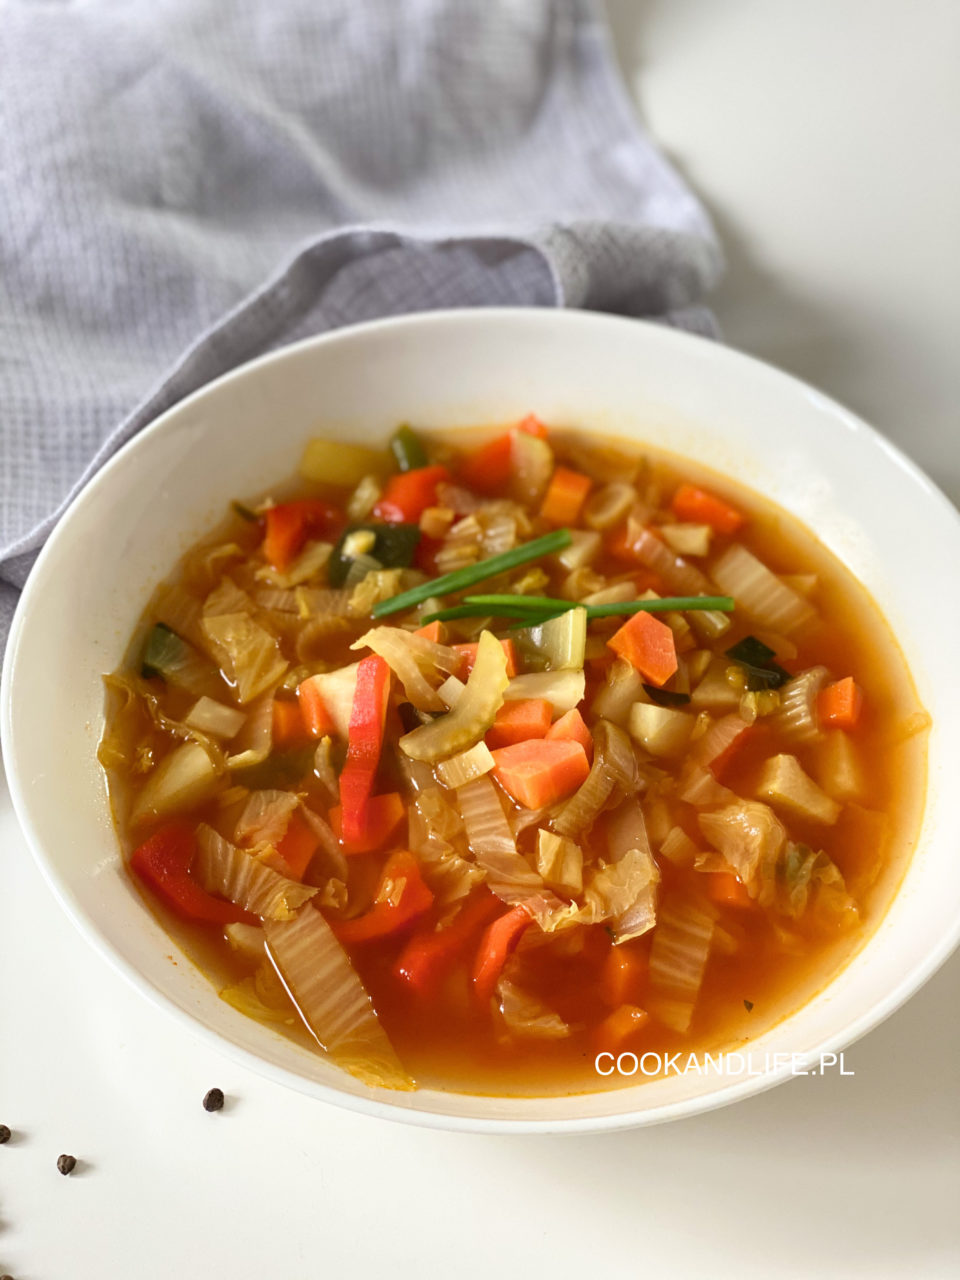 Zupa kapuściana z kapusty pekińskiej